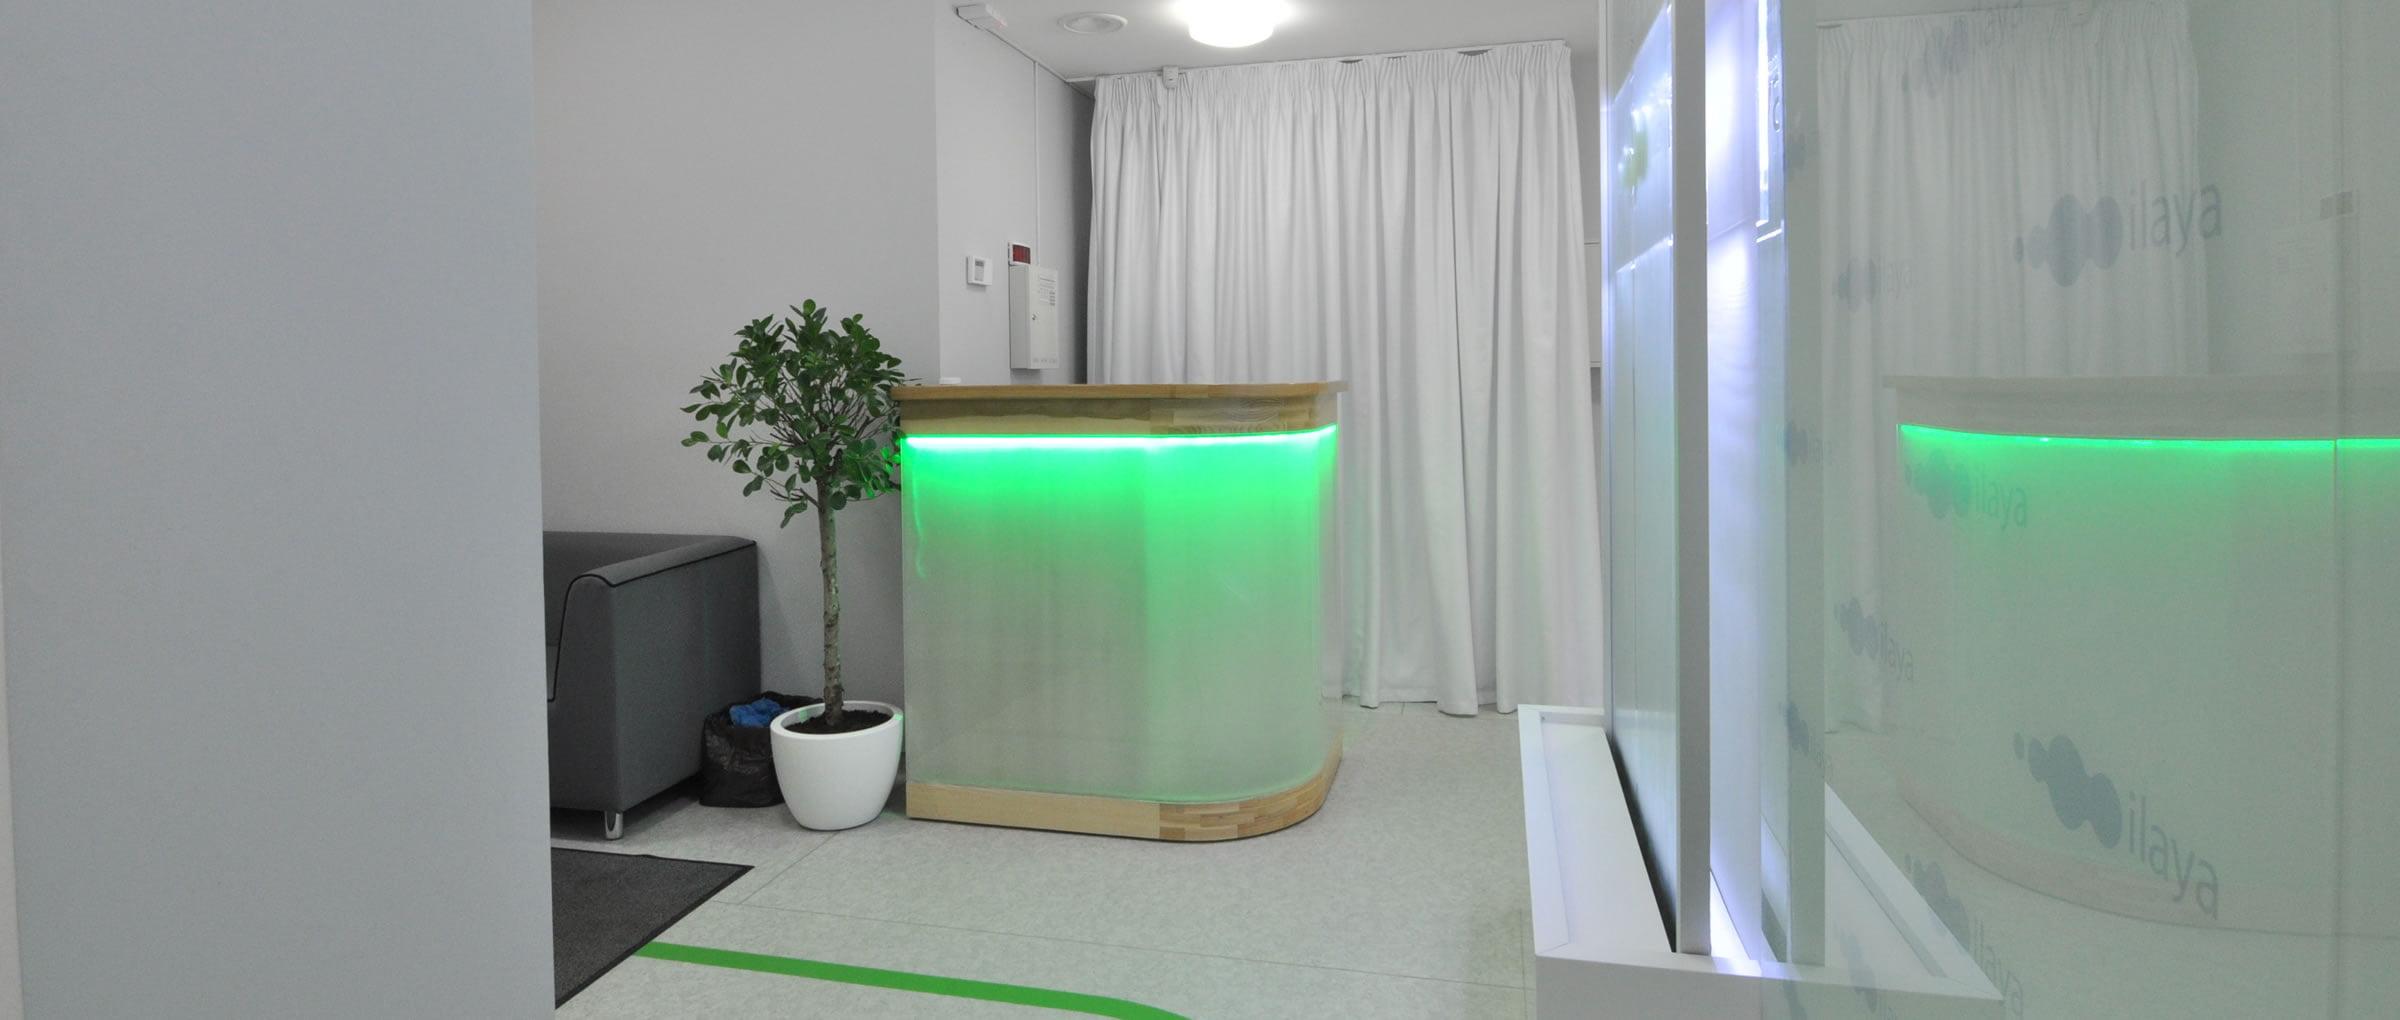 Ilaya facilities